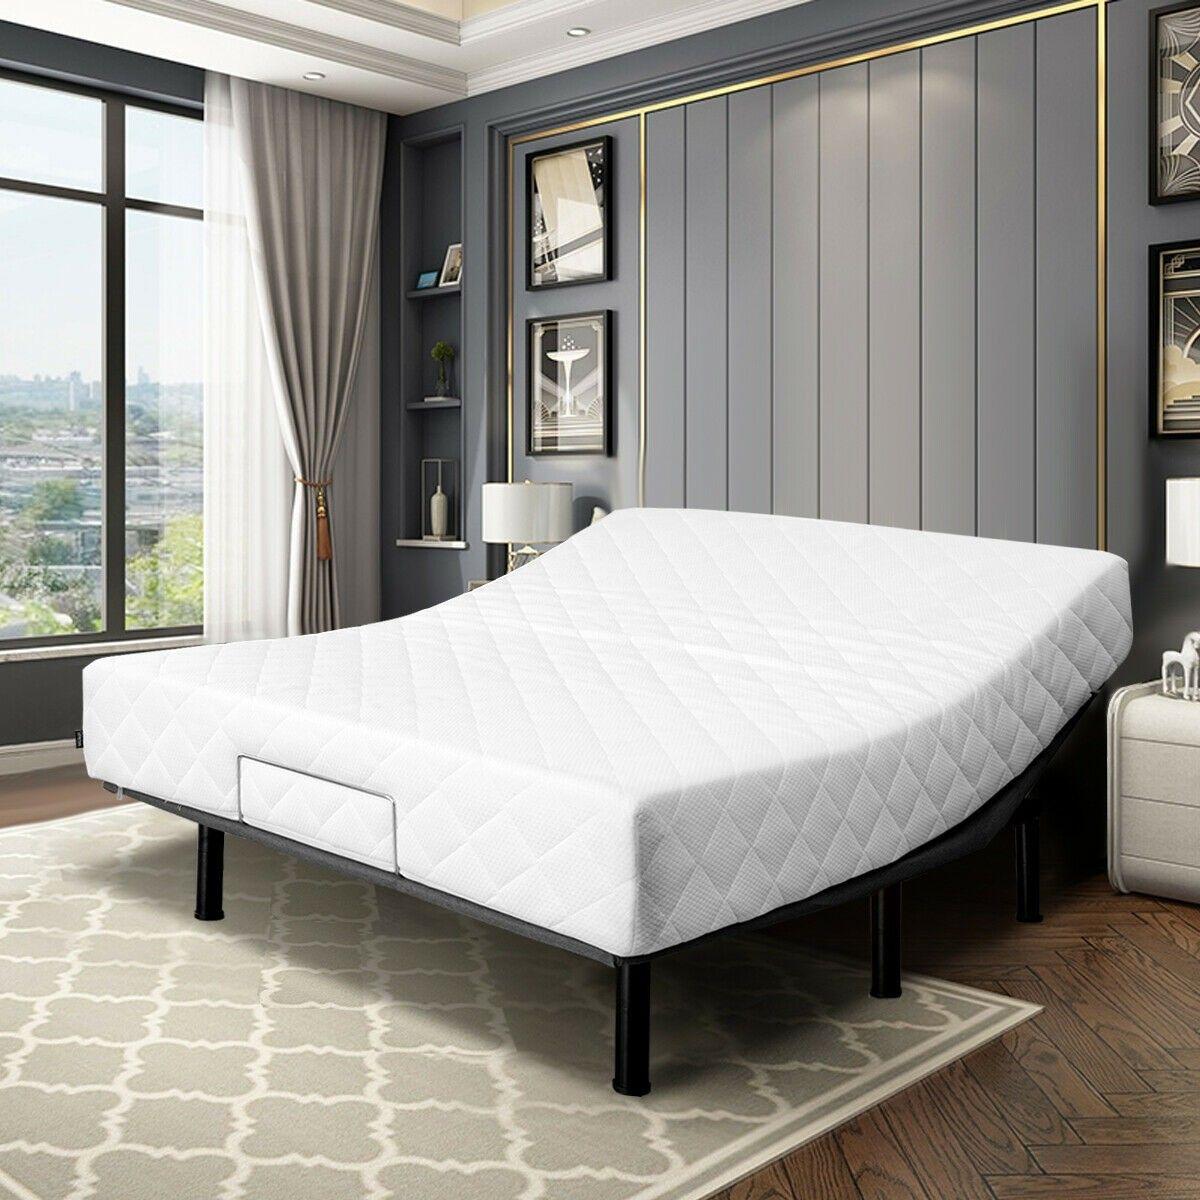 Queen Size Steel Frame Remote Adjustable Bed Base Adjustable